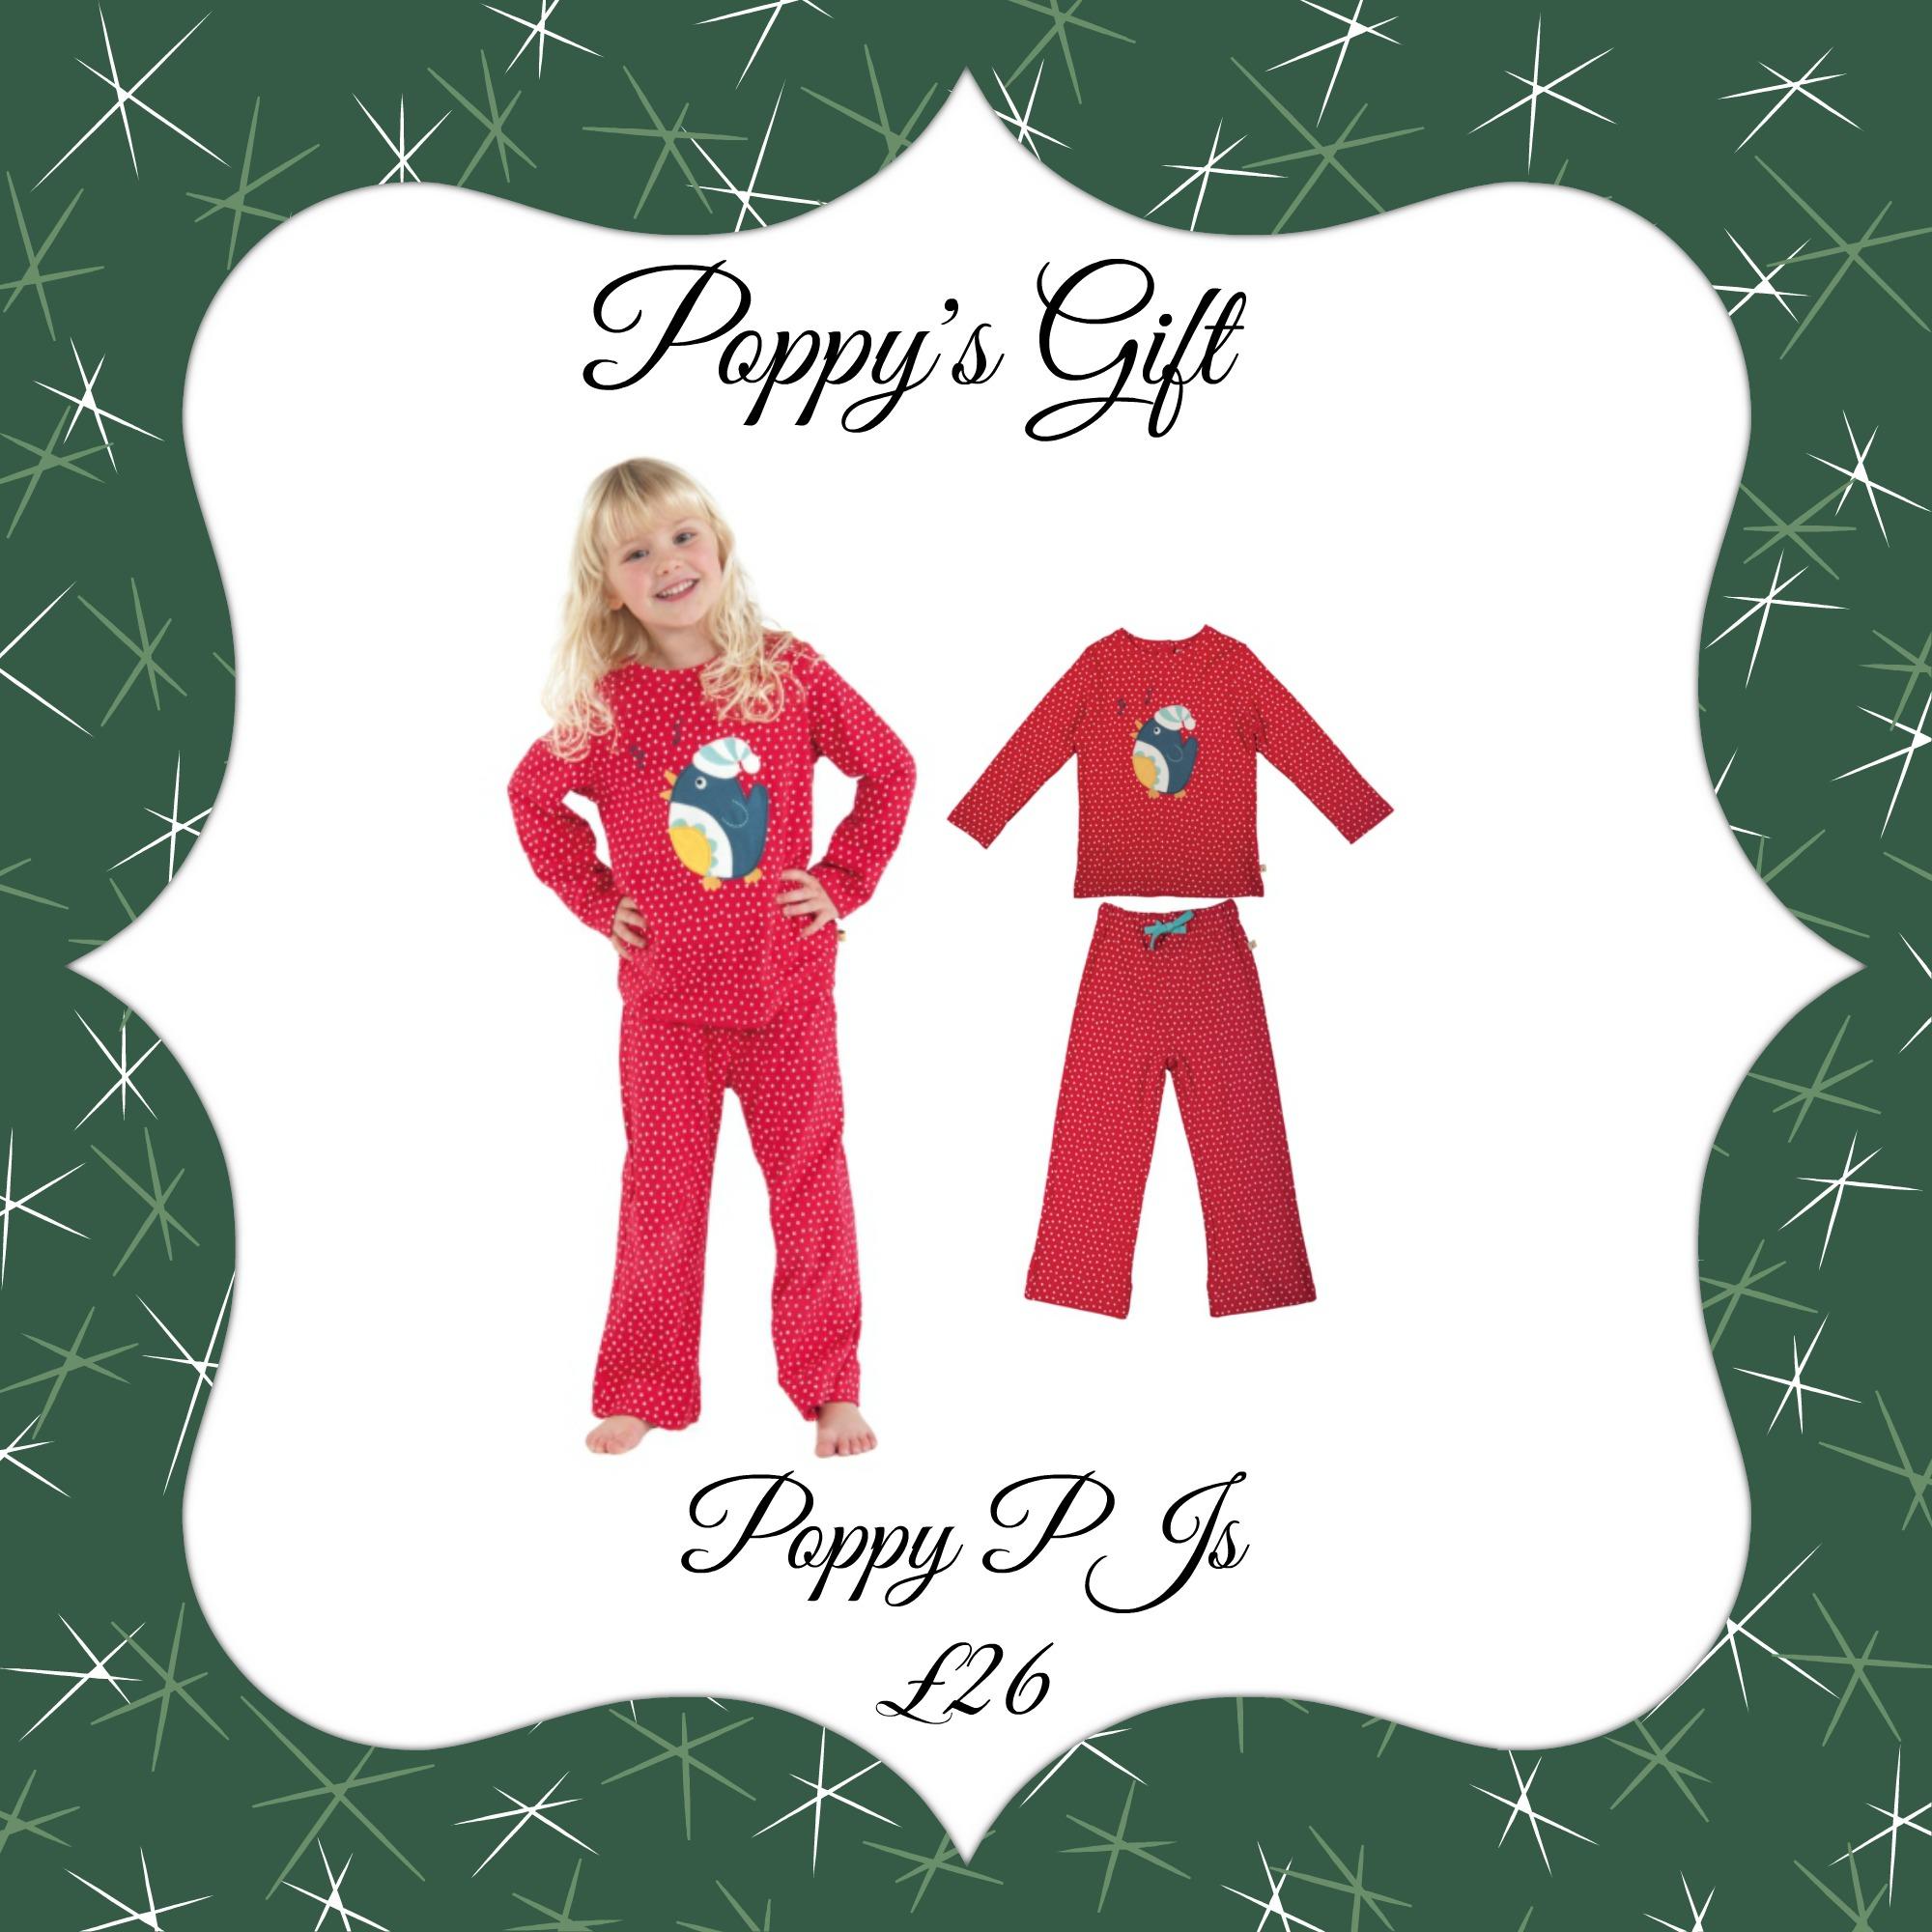 Poppy Gift 2